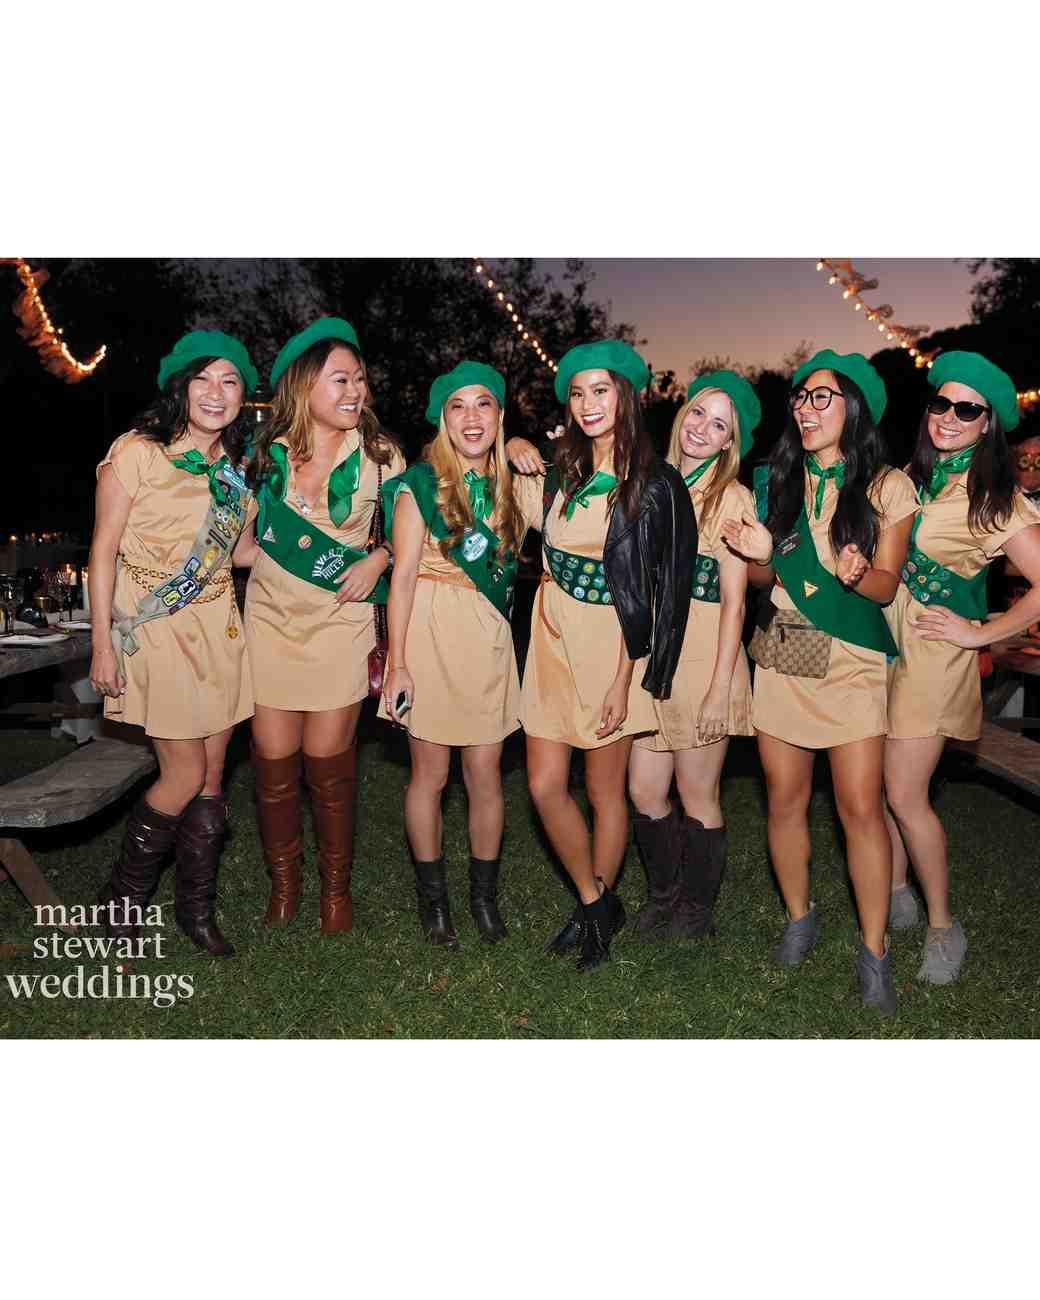 jamie-bryan-wedding-11-costume-party-troop-0579-d112664.jpg